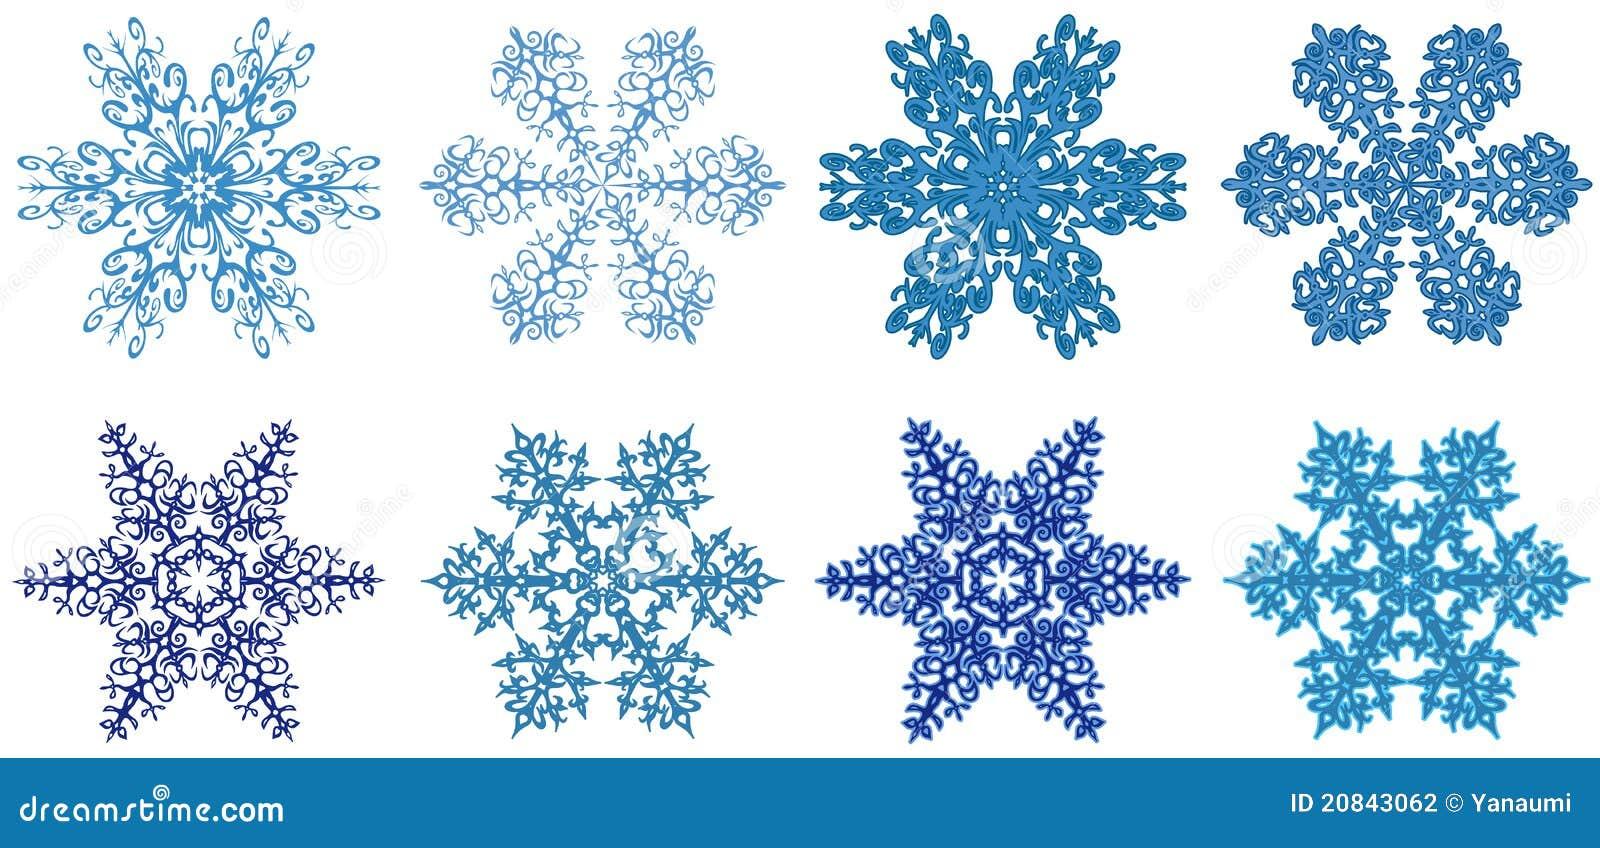 Schneeflocken clipart vektor abbildung. Illustration von groß - 20843062